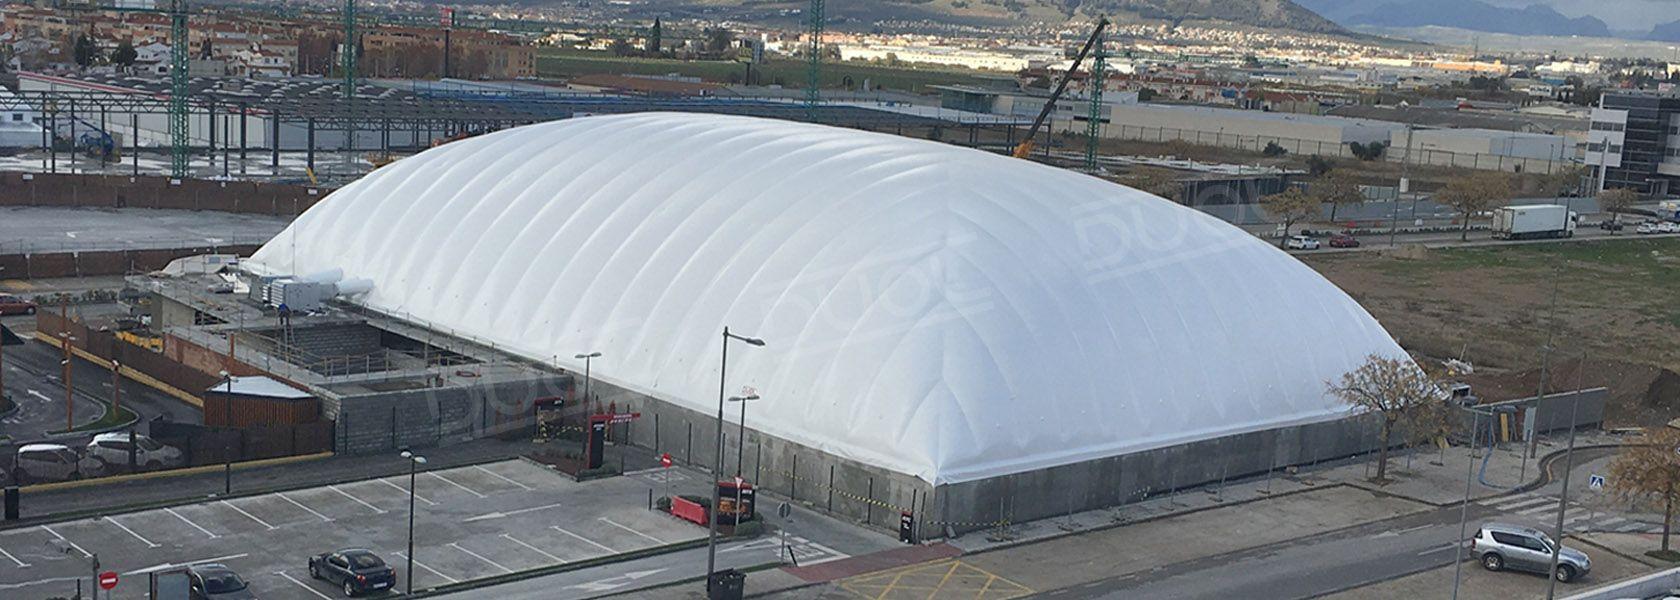 Ice skating, Hockey, Curling Air domes